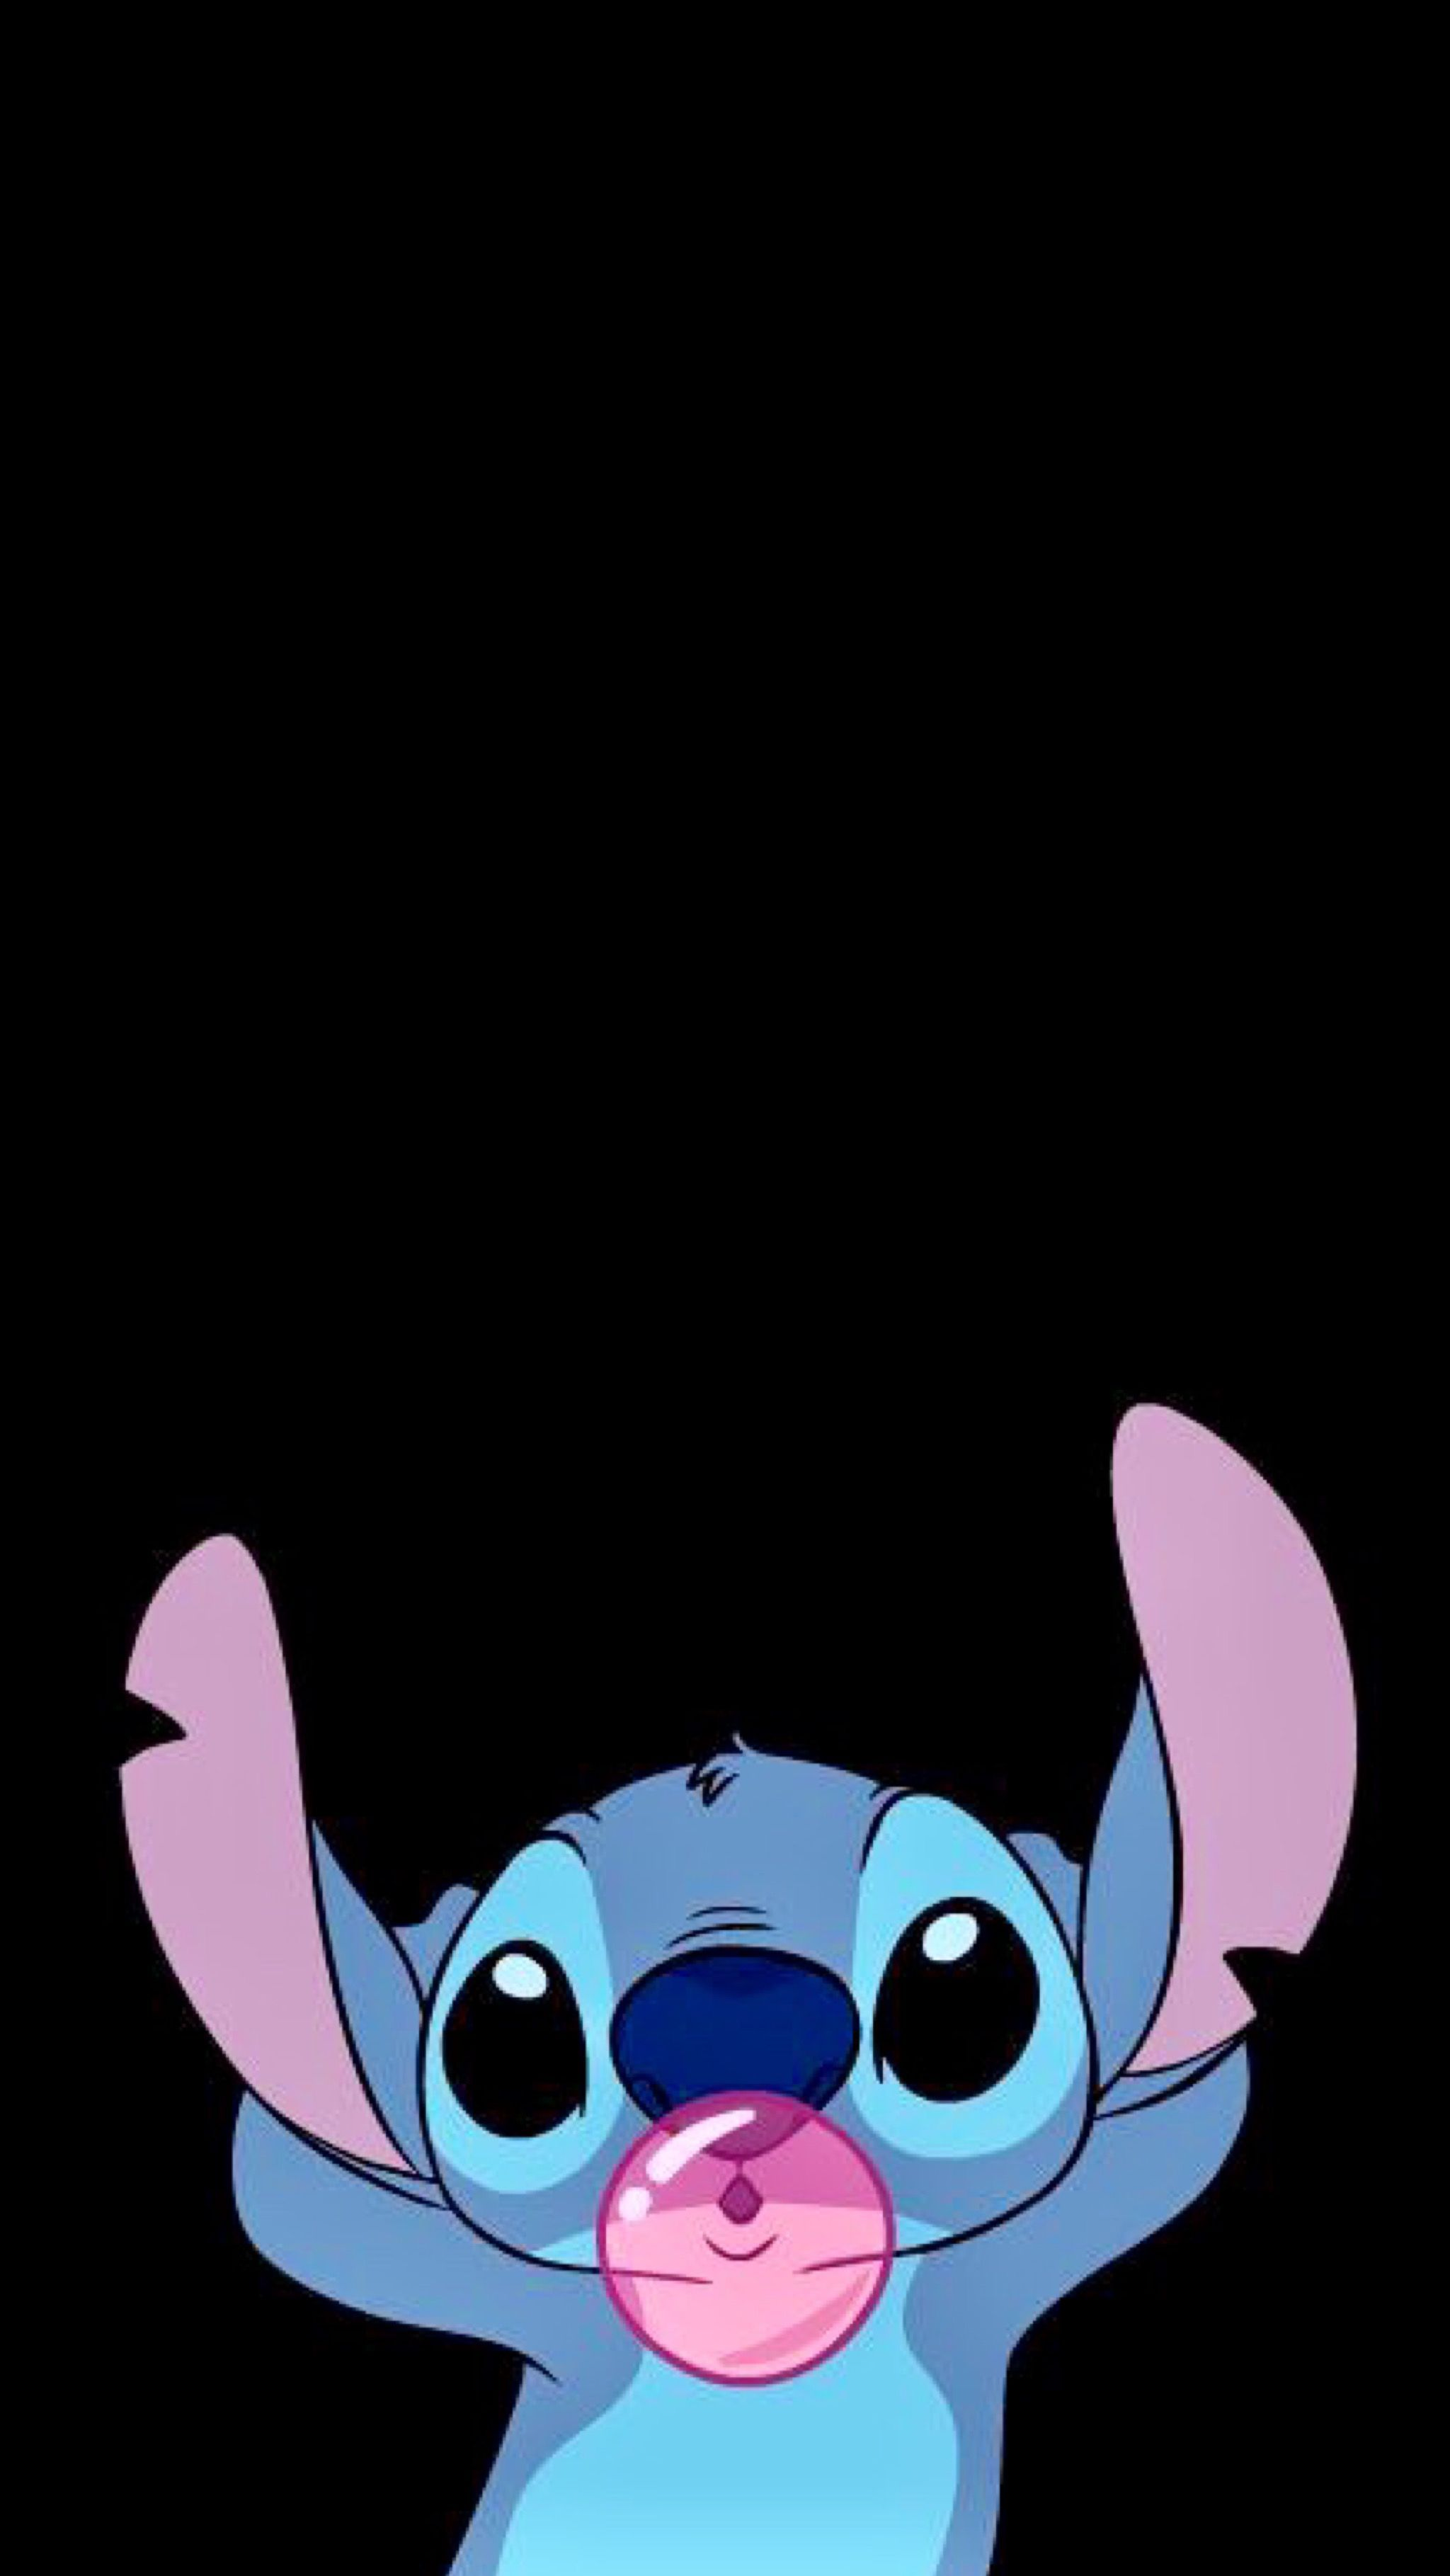 Come Non Ho Pensato Prima In 2020 Wallpaper Iphone Disney Cartoon Wallpaper Iphone Cute Disney Wallpaper